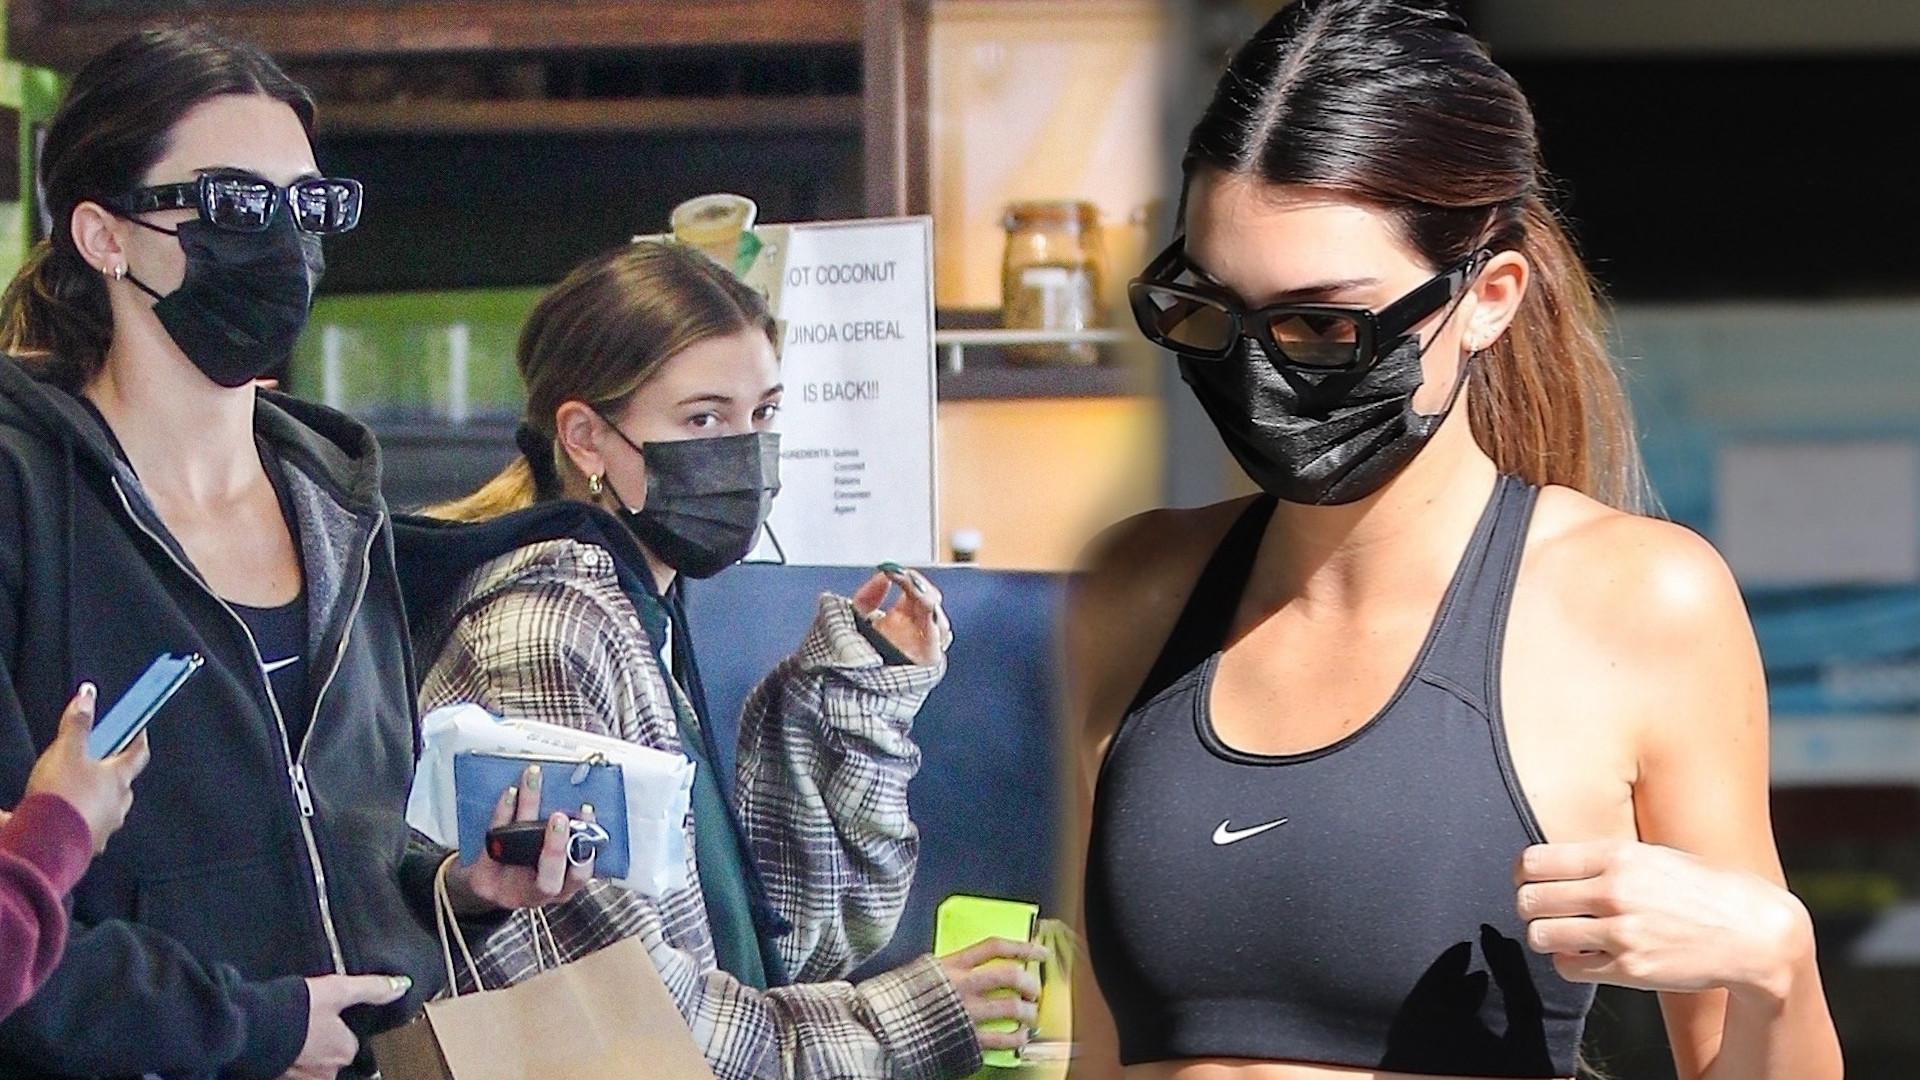 Kendall Jenner i Hailey Bieber wracają z siłowni. Widać, że Kendall ostro trenuje!